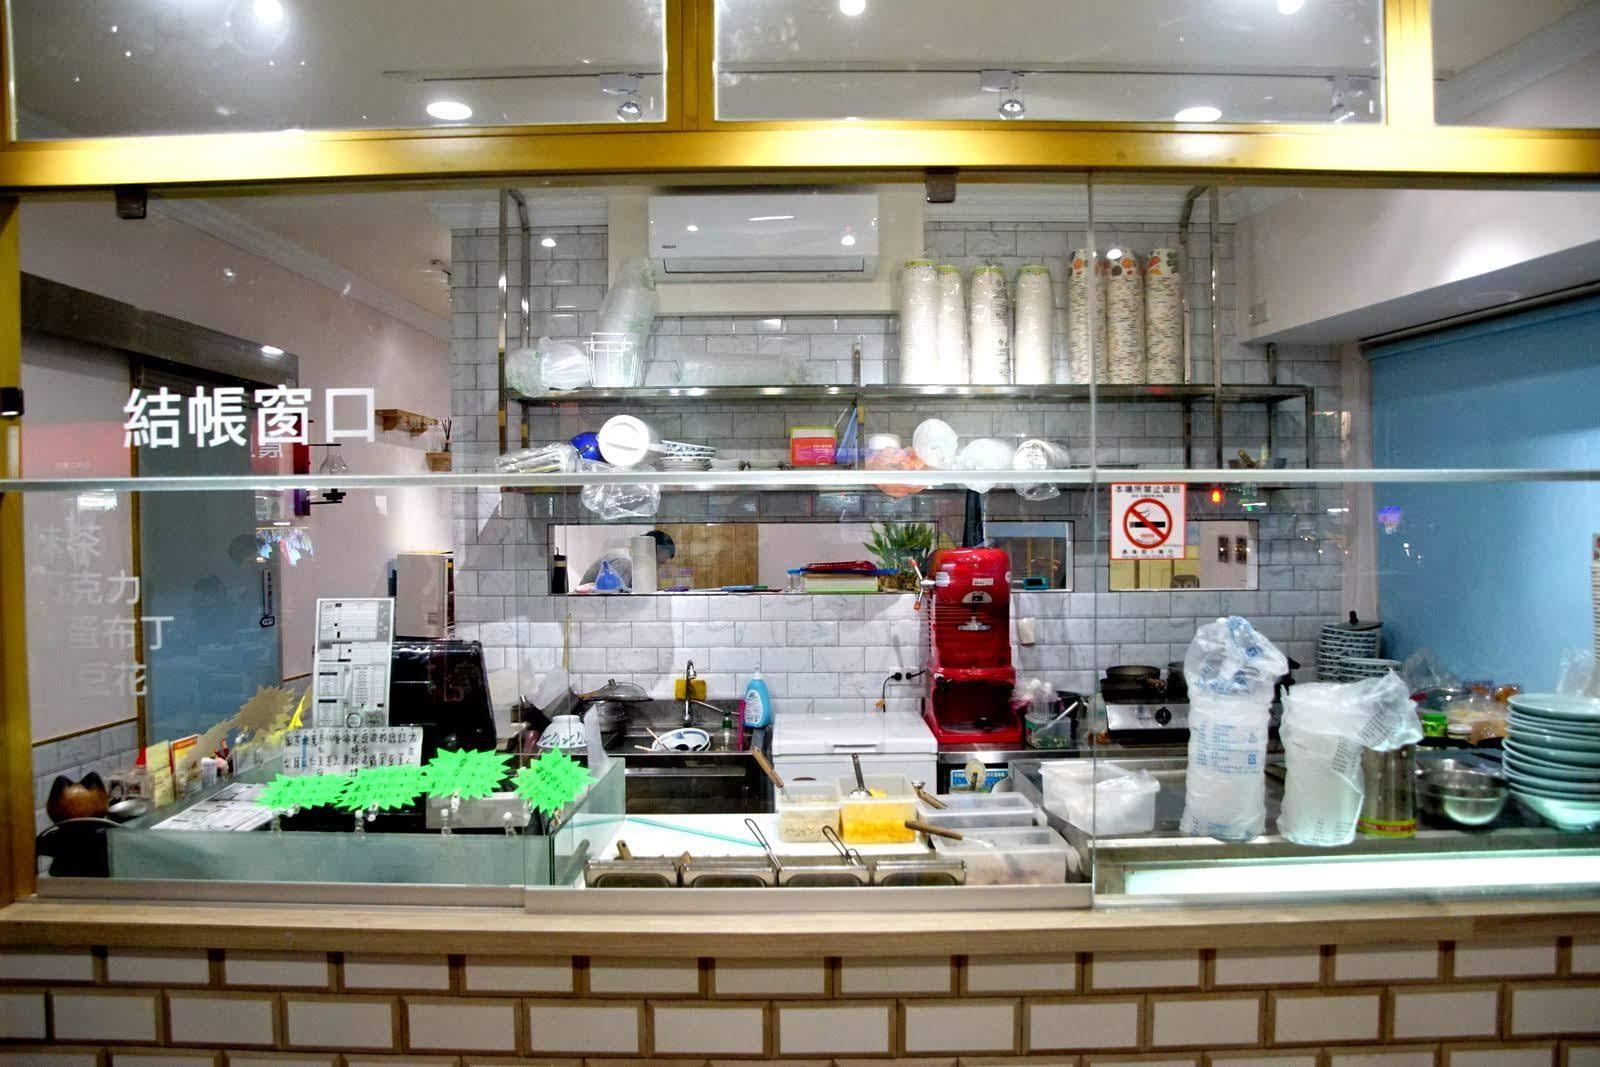 [台南][中西區] 呷島ㄏㄨㄟ¯|路口的那一家豆花店|食記